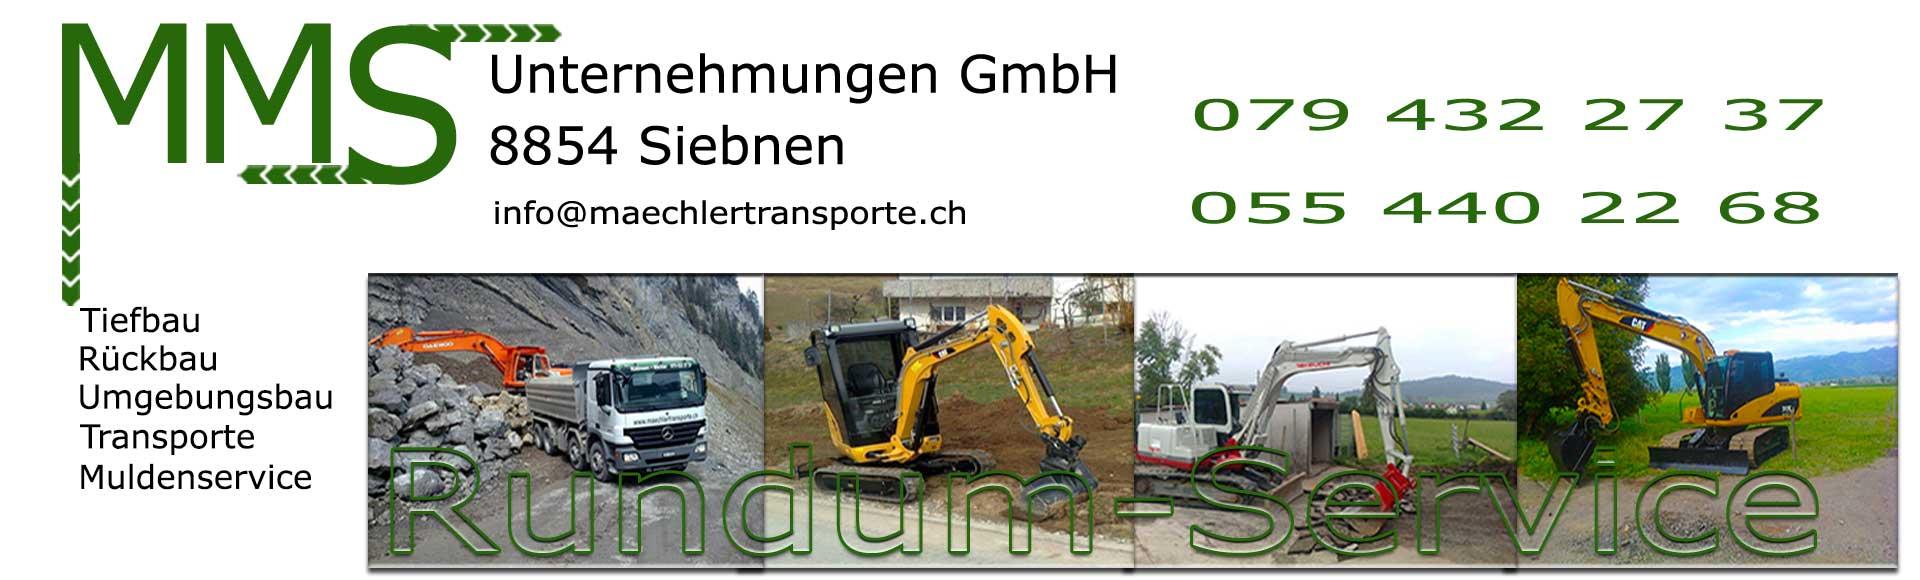 slide-2-rund-um-service